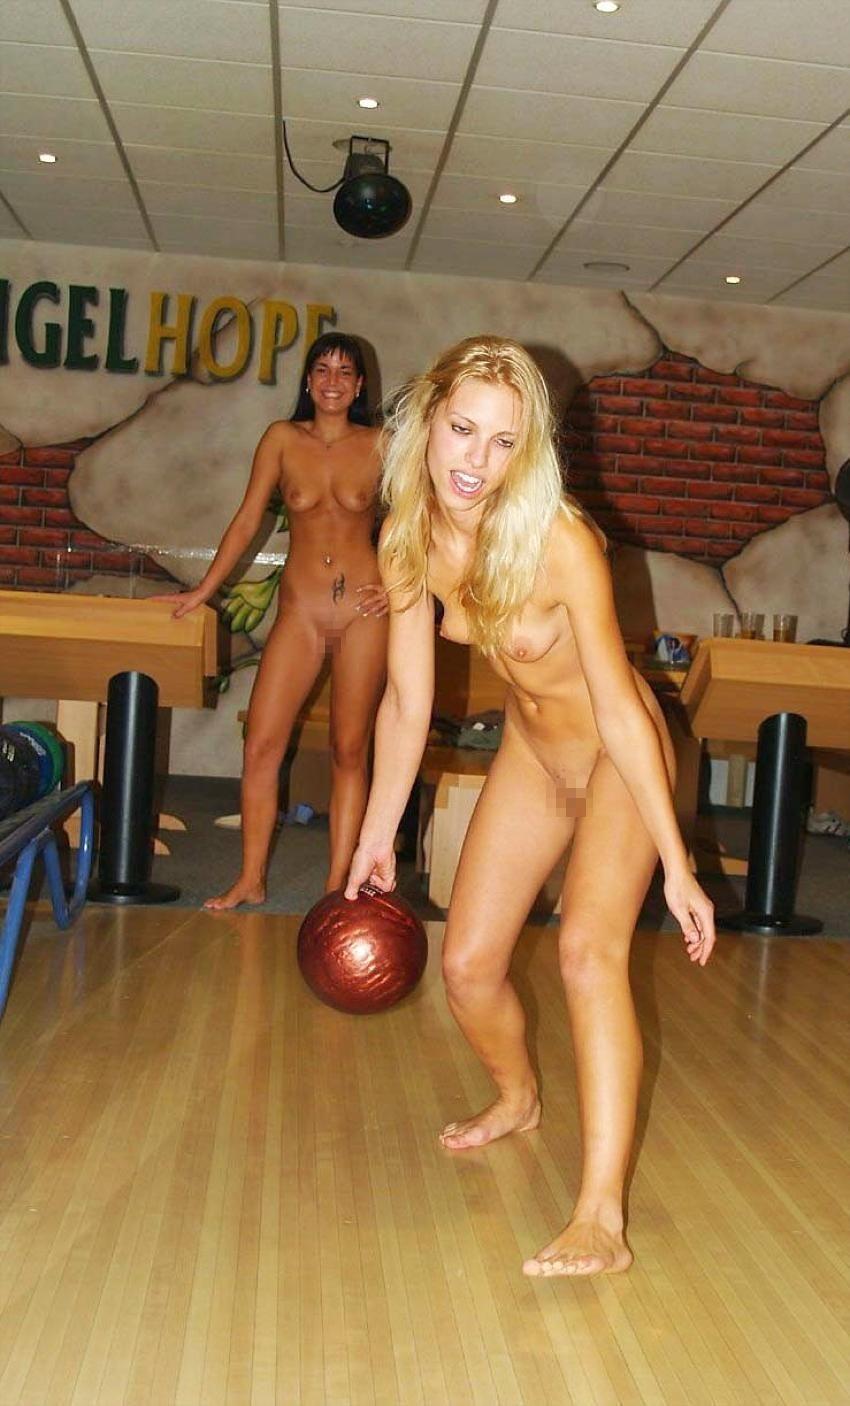 全裸ヌードでスポーツを楽しむ外国人の異文化エロ画像22枚・20枚目の画像